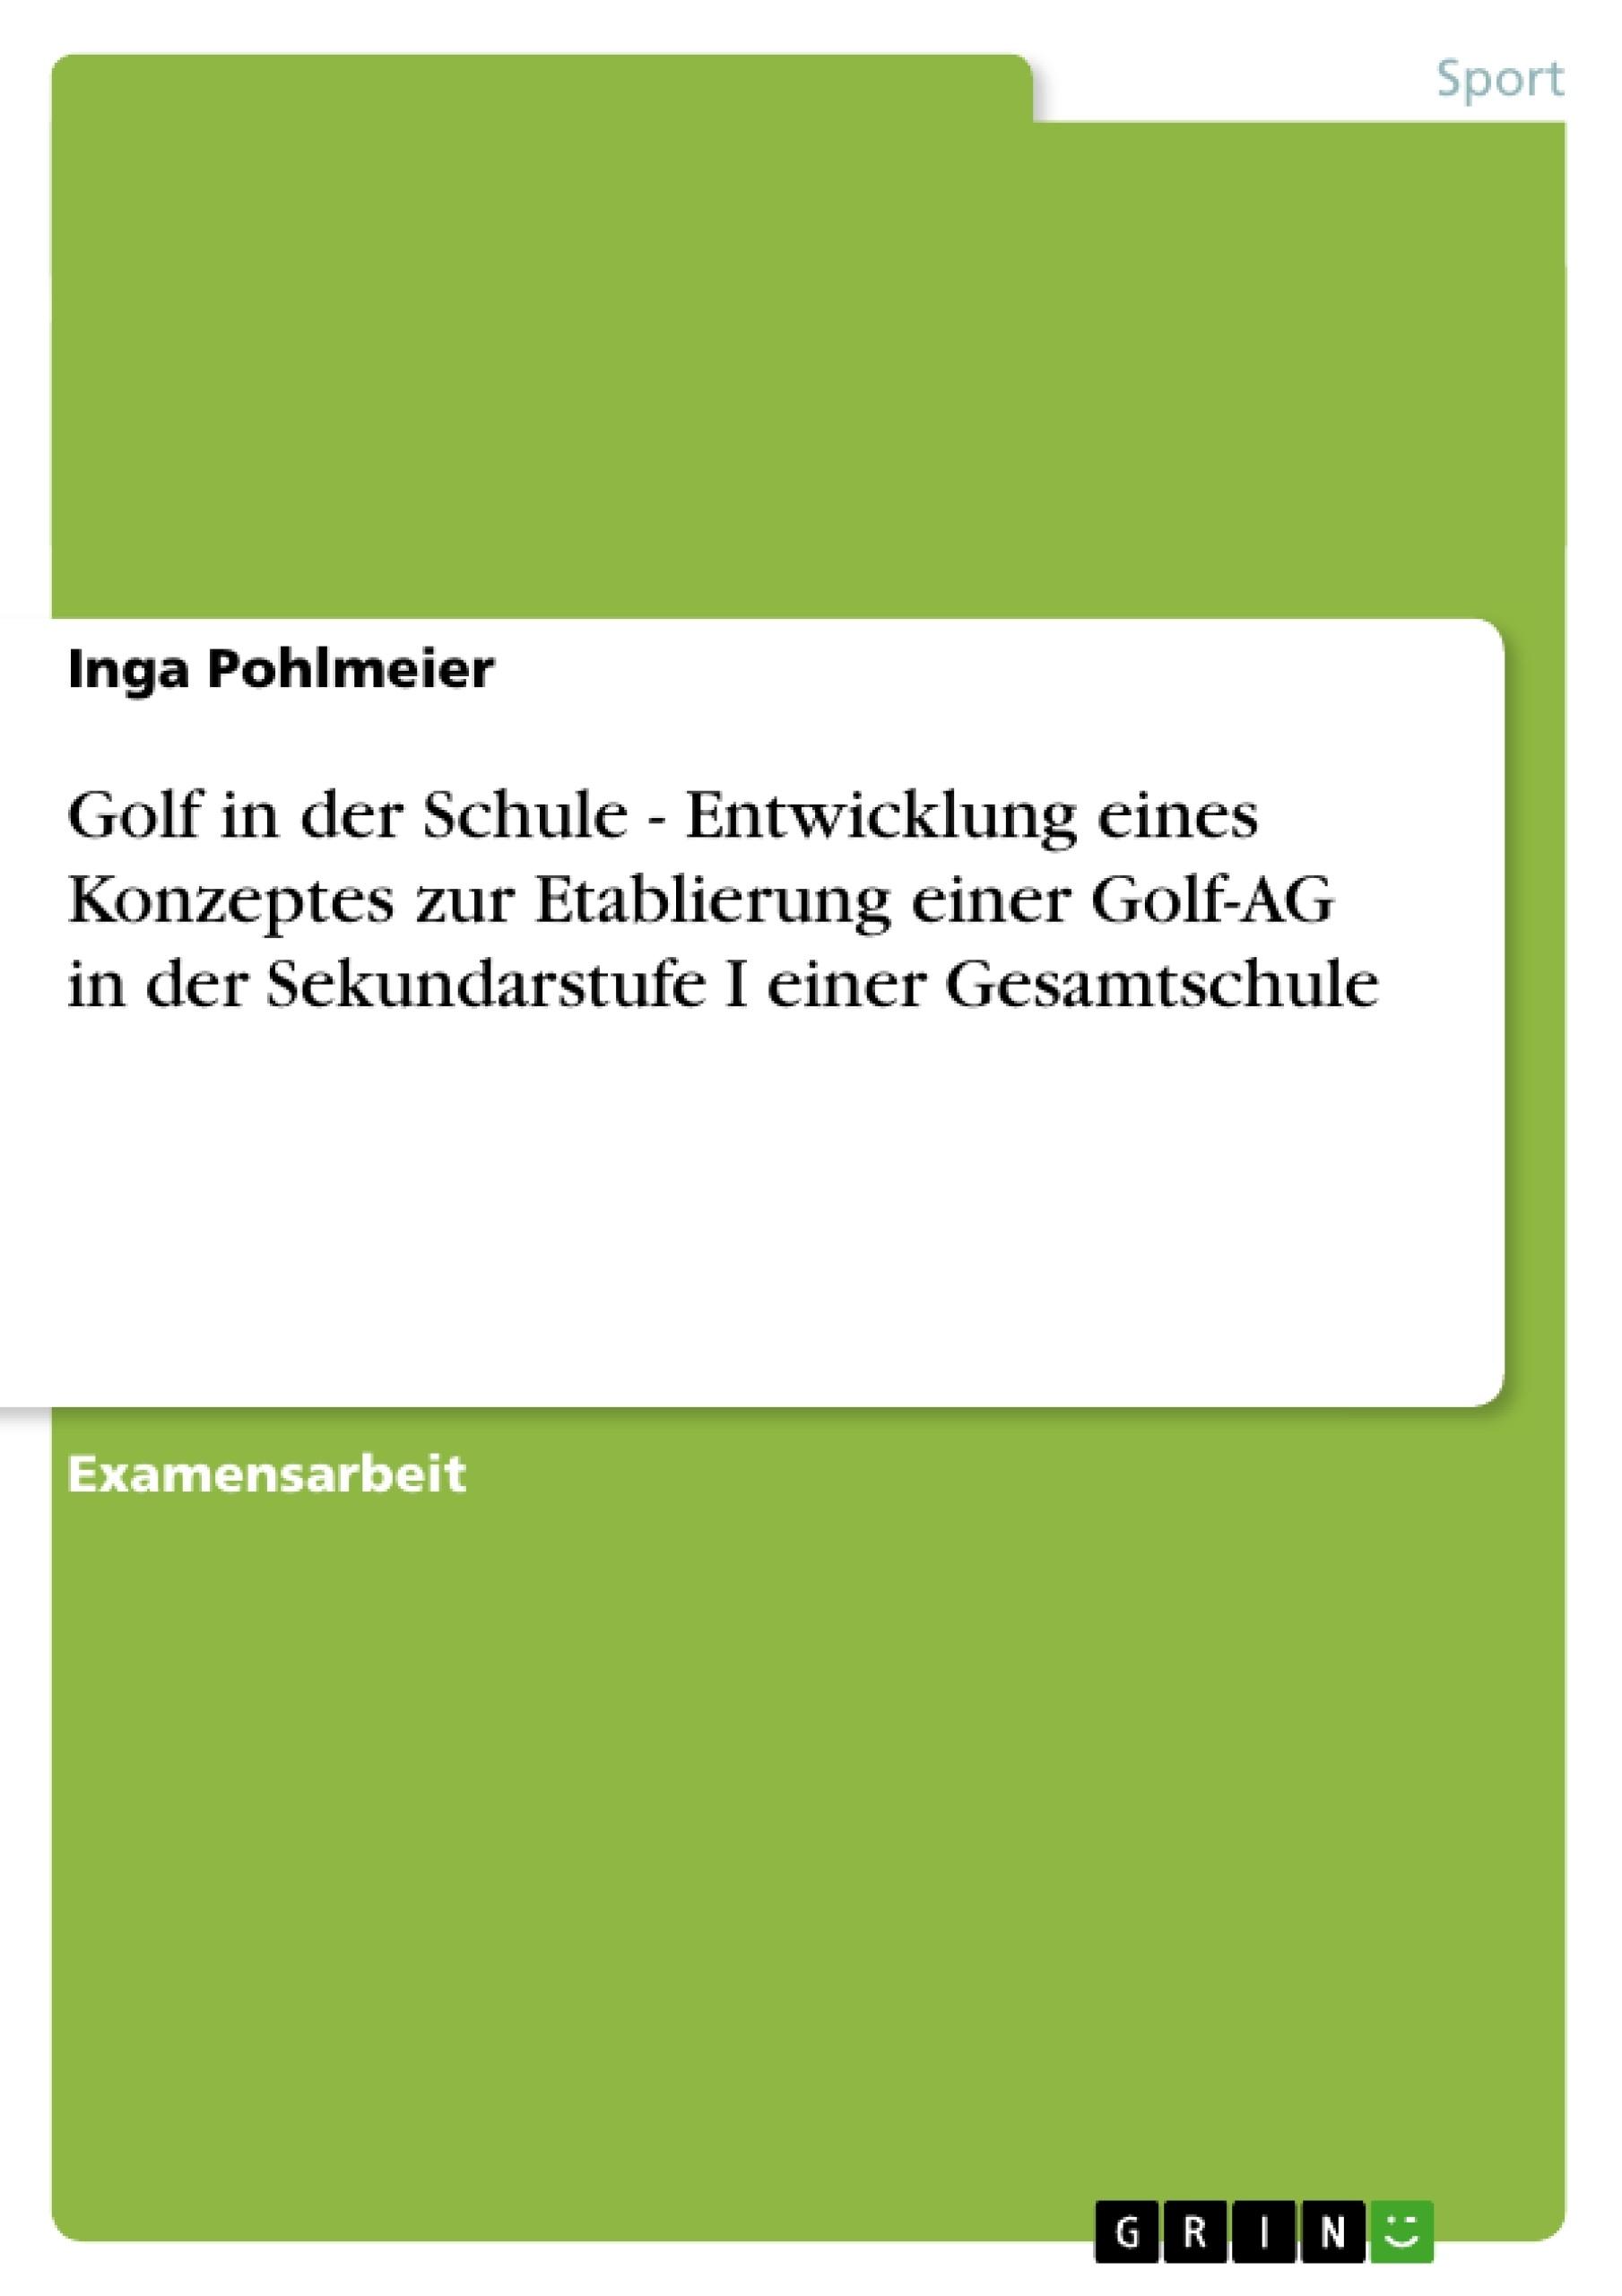 Titel: Golf in der Schule - Entwicklung eines Konzeptes zur Etablierung einer Golf-AG in der Sekundarstufe I einer Gesamtschule